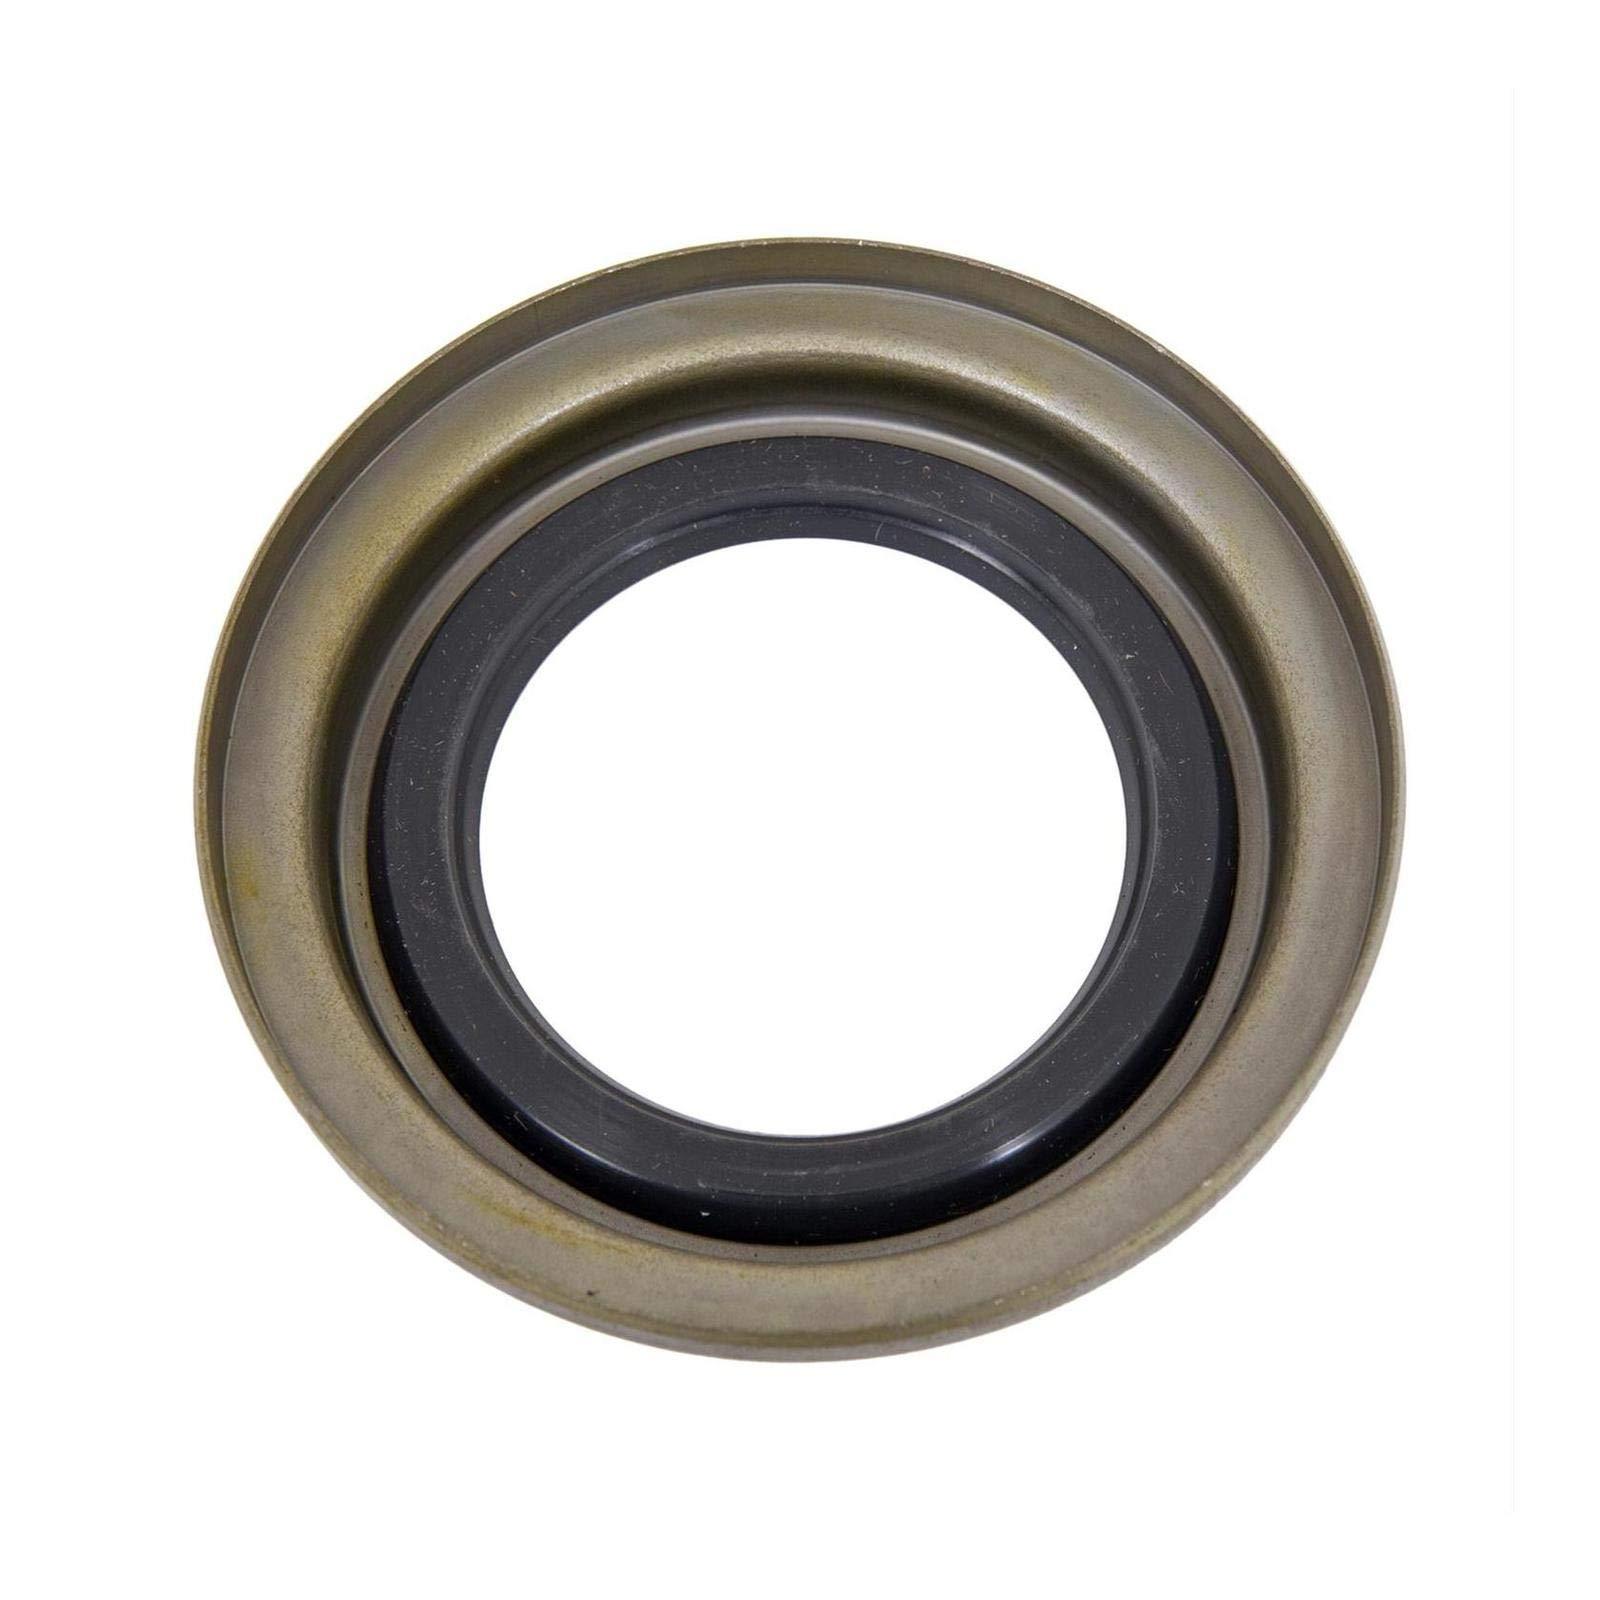 Spicer 41777 King Pin Seal